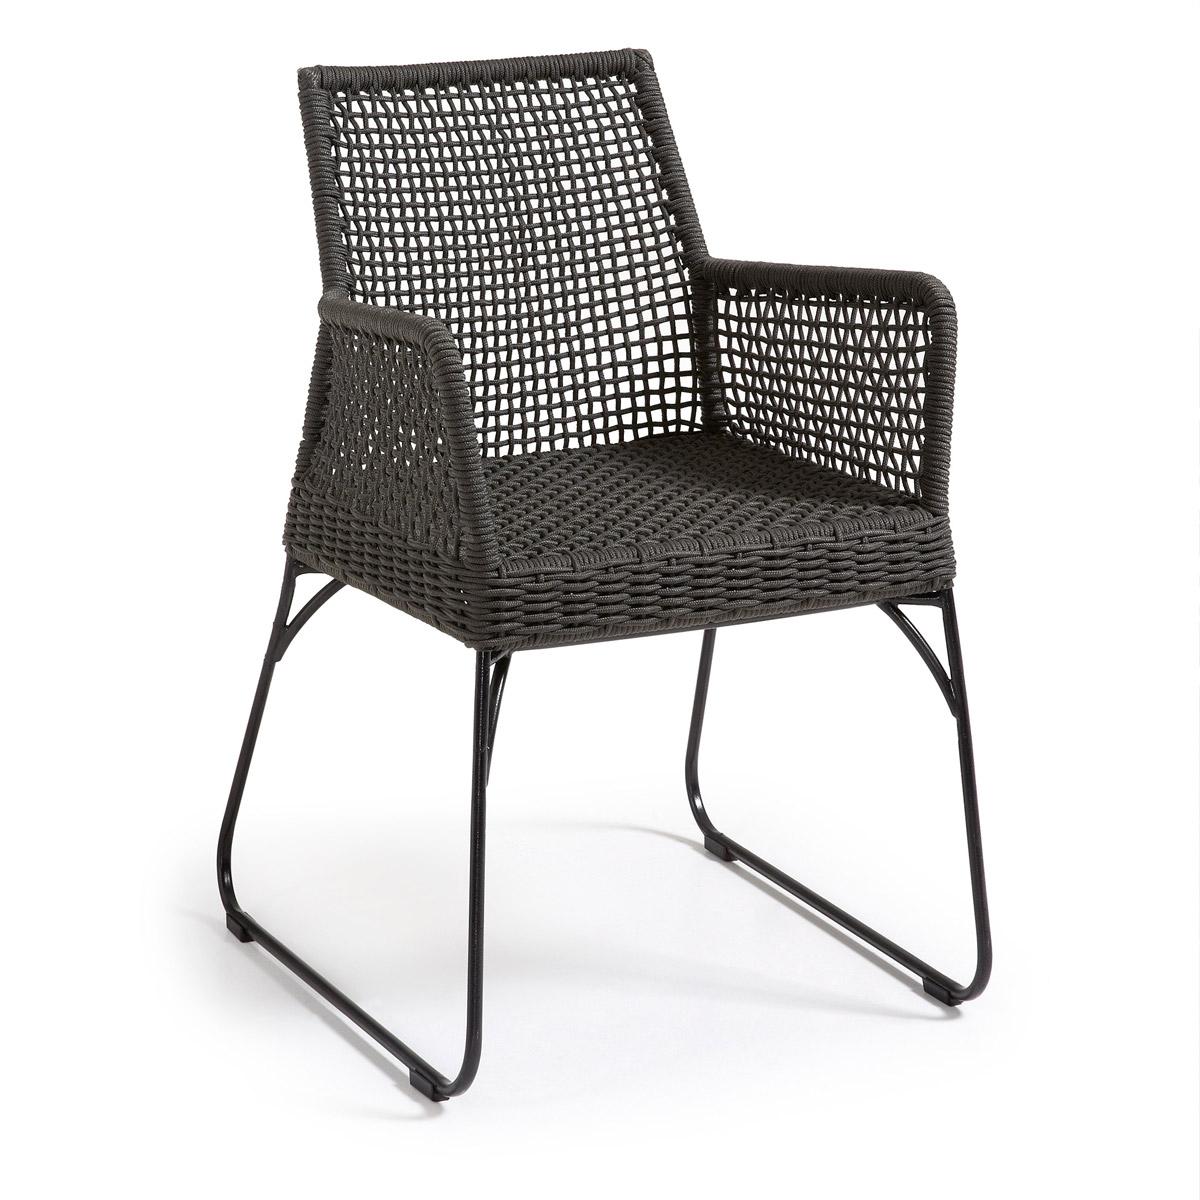 Lot de 2 chaises en acier et corde - Noir - H 80 cm x L 59 cm x 45 cm